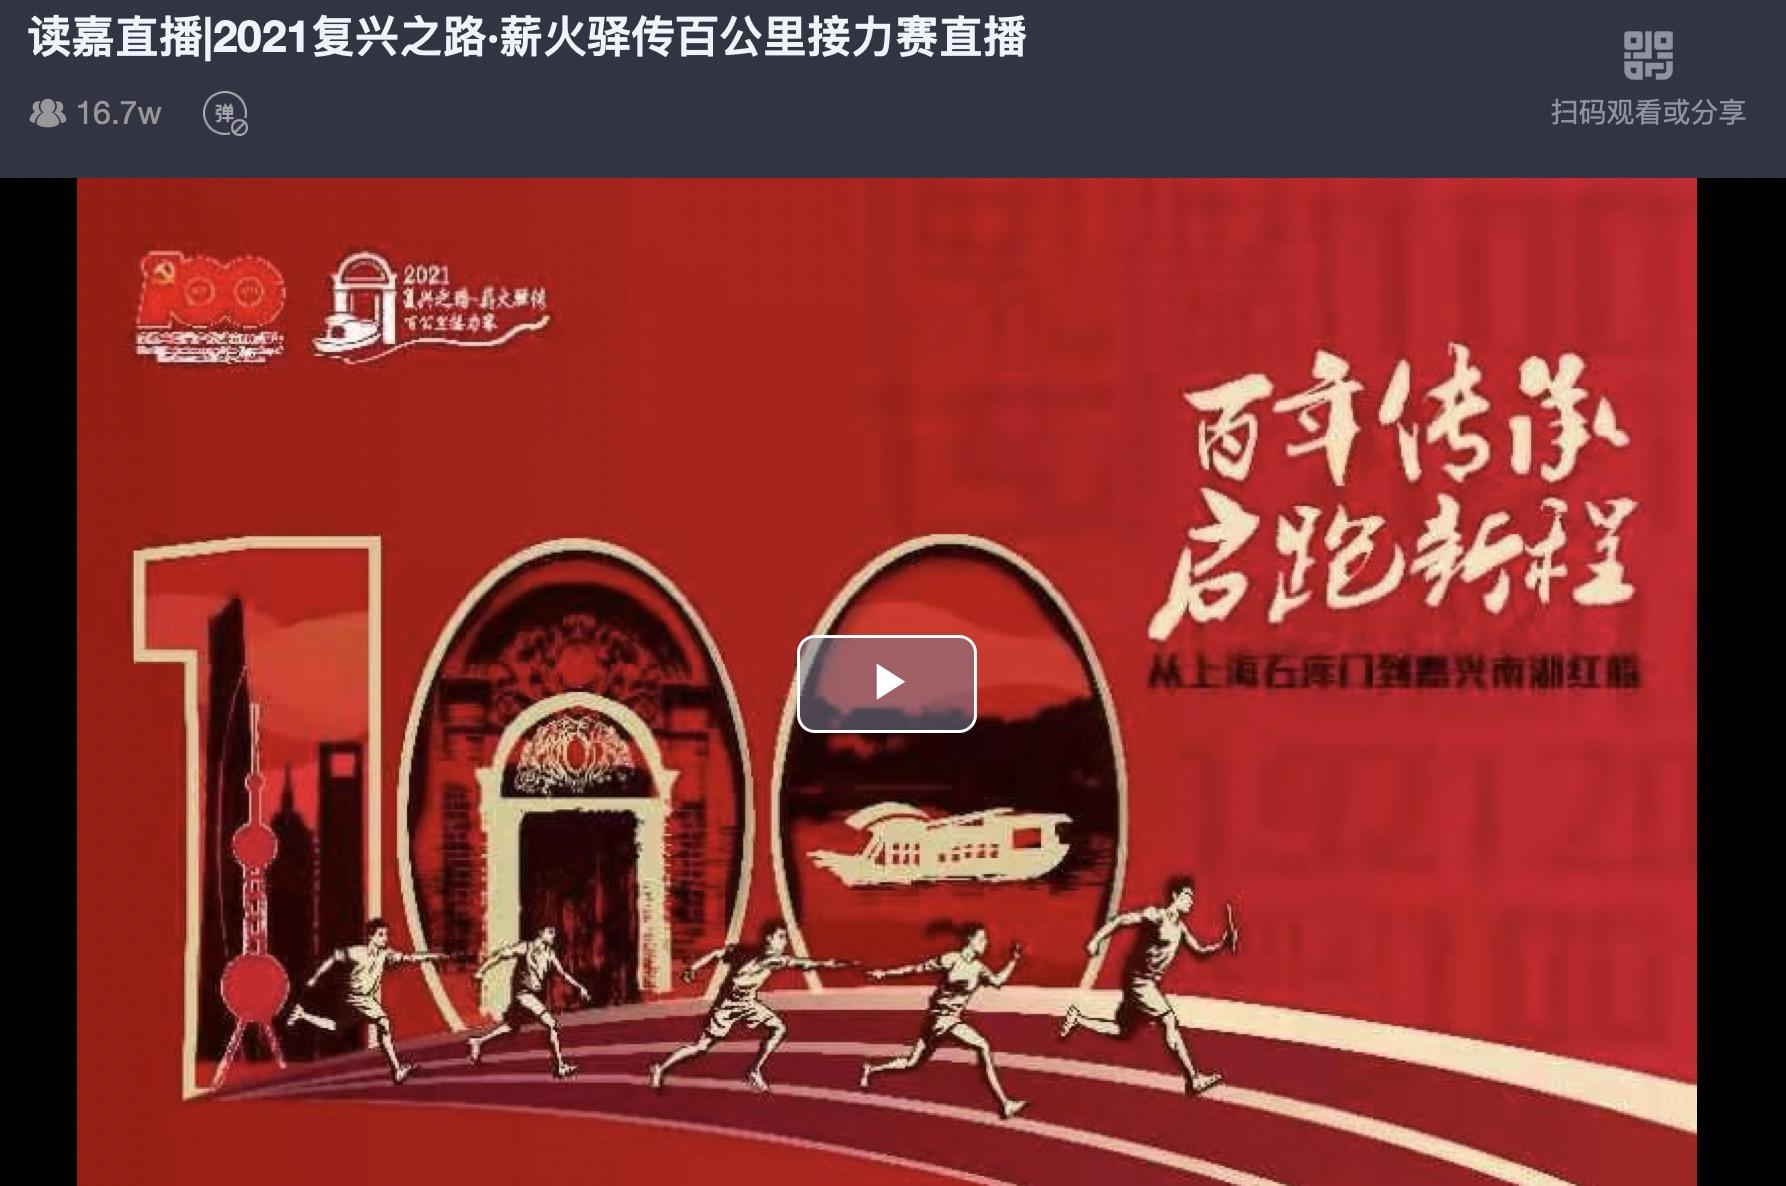 接力赛直播封面图.png